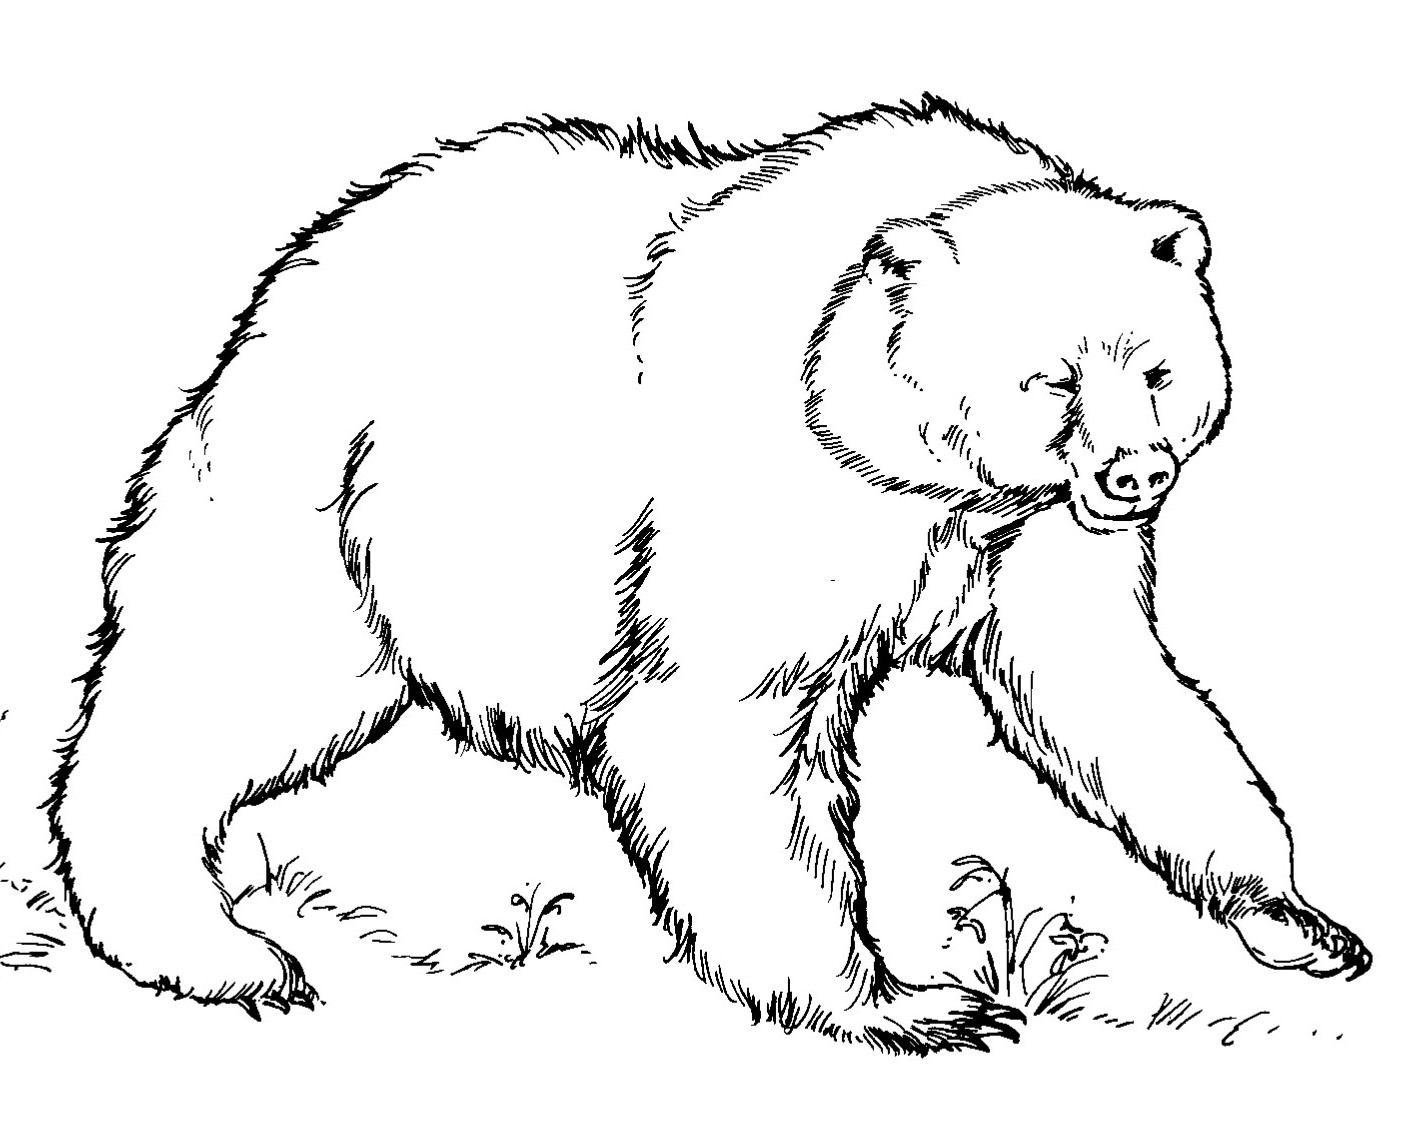 Contoh lukisan hitam putih untuk di warnai bagi anak tk dan pra